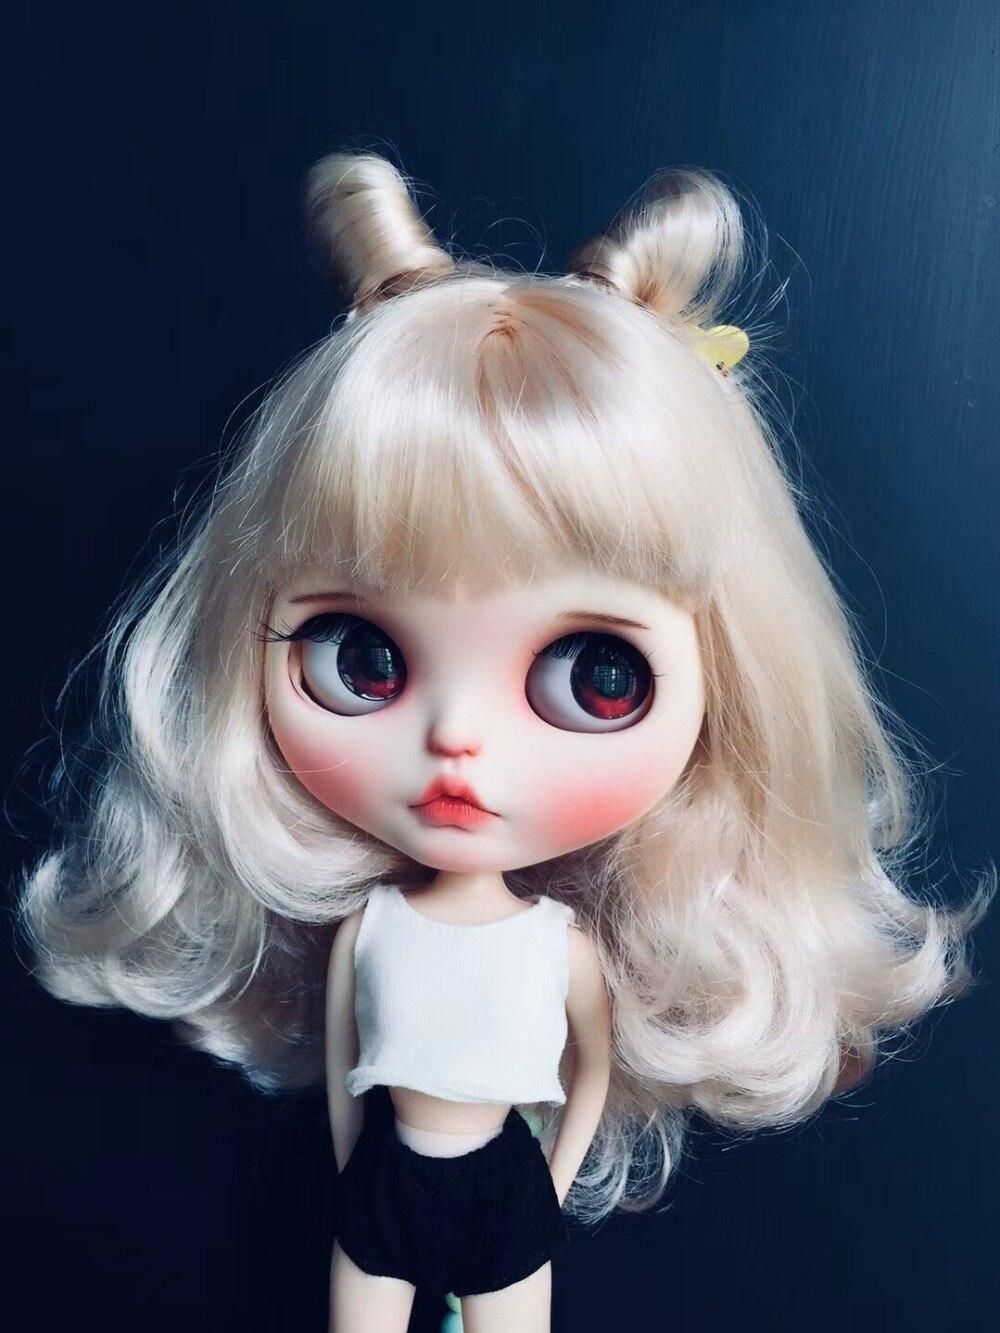 Anpassung puppe DIY Nude blyth puppe Für Mädchen nude puppe 20193 (nicht enthalten kleidung)-in Puppen aus Spielzeug und Hobbys bei  Gruppe 3